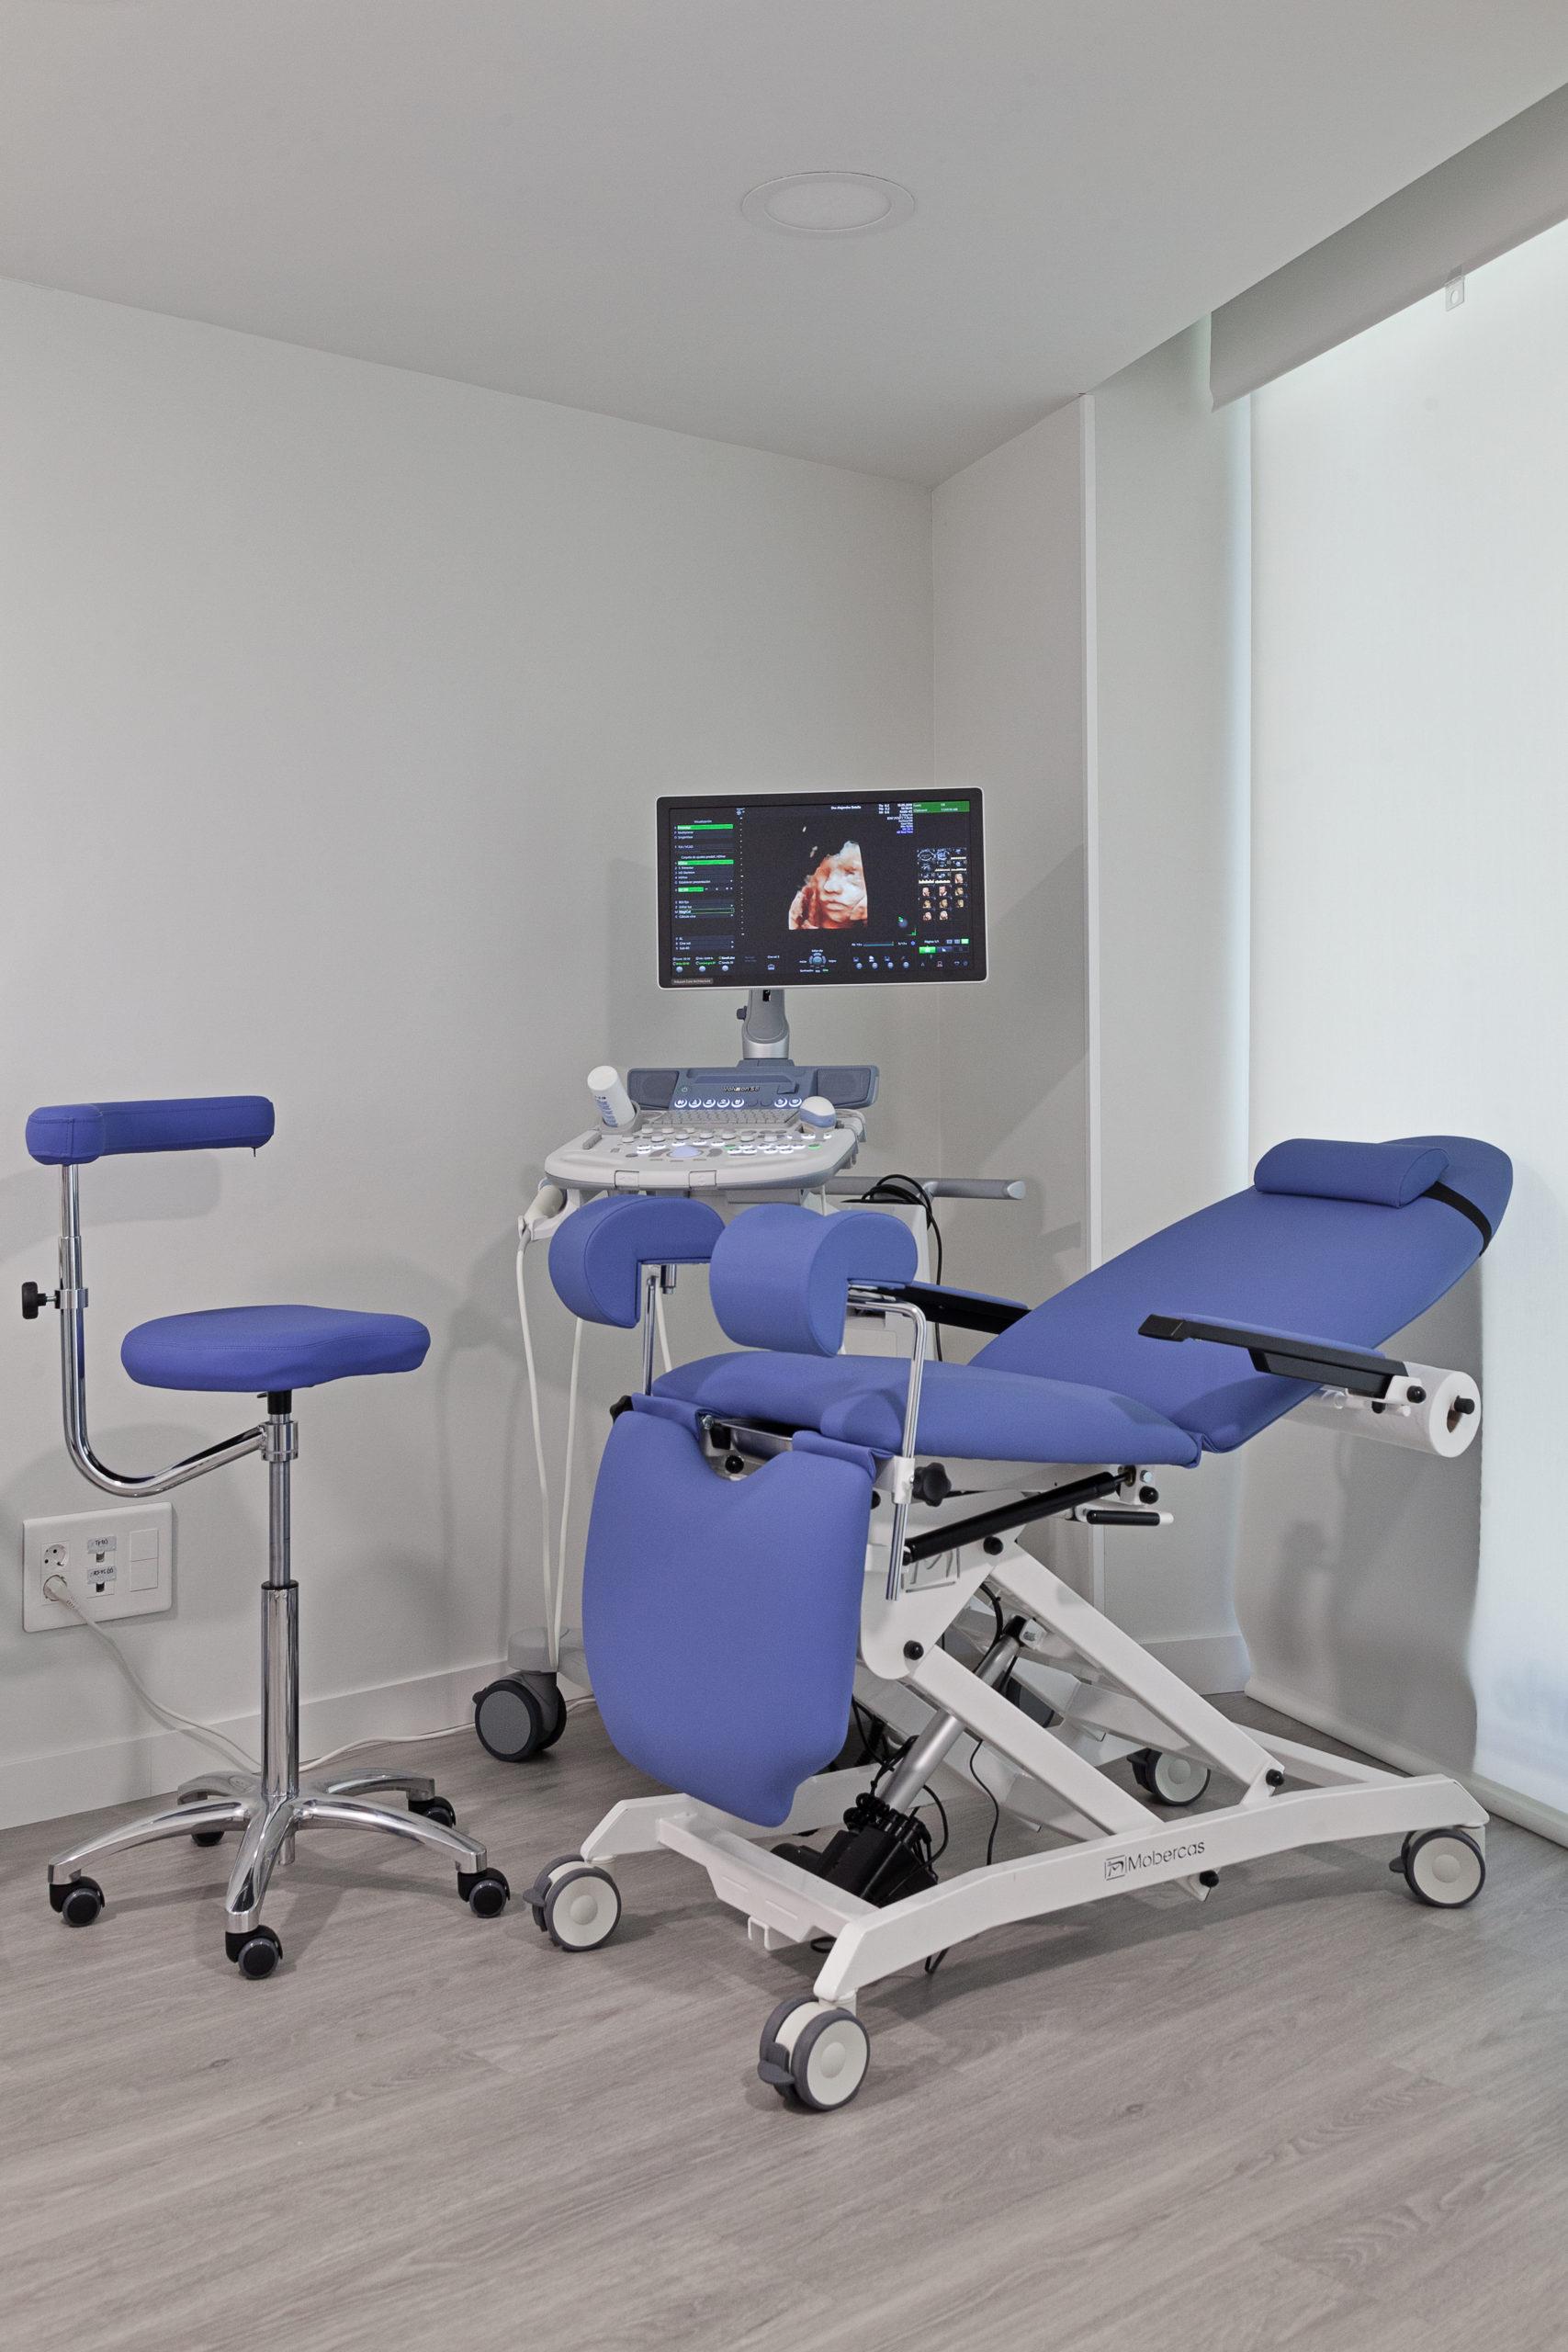 Ginecología - Dra. Alejandra Batalla. Despacho. Centro Sanitario Urdax.